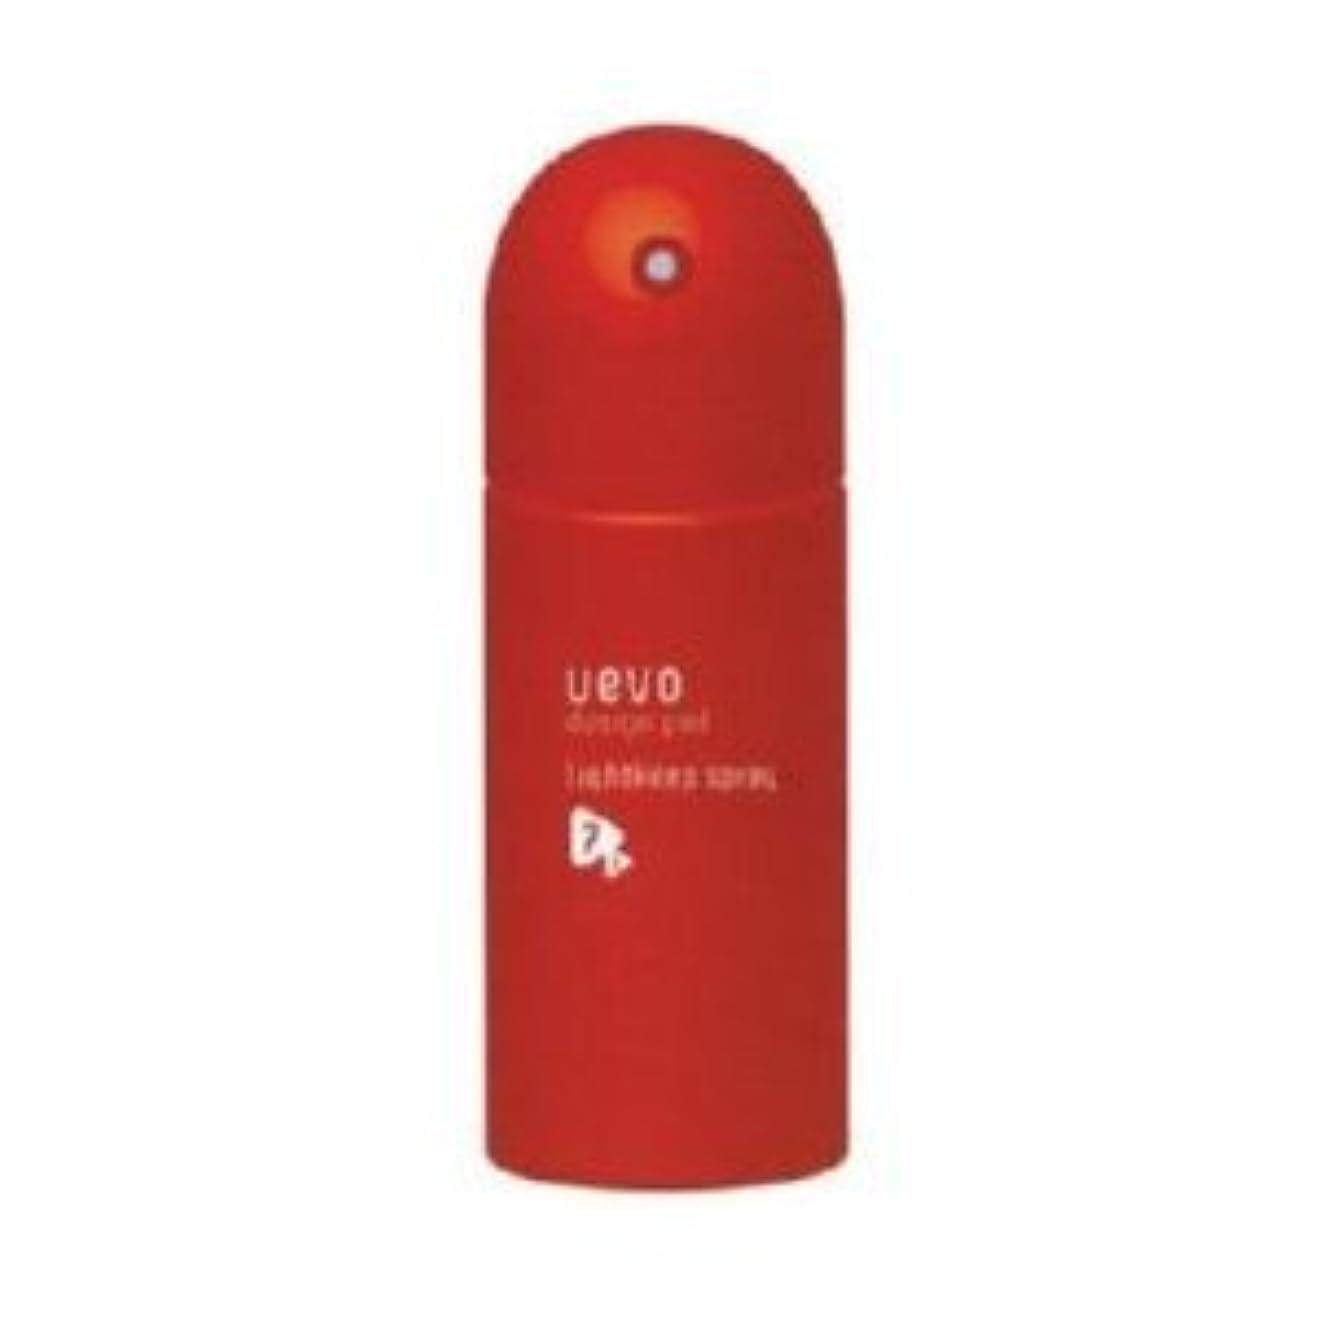 島謎アラスカ【X2個セット】 デミ ウェーボ デザインポッド ライトキープスプレー 220ml lightkeep spray DEMI uevo design pod